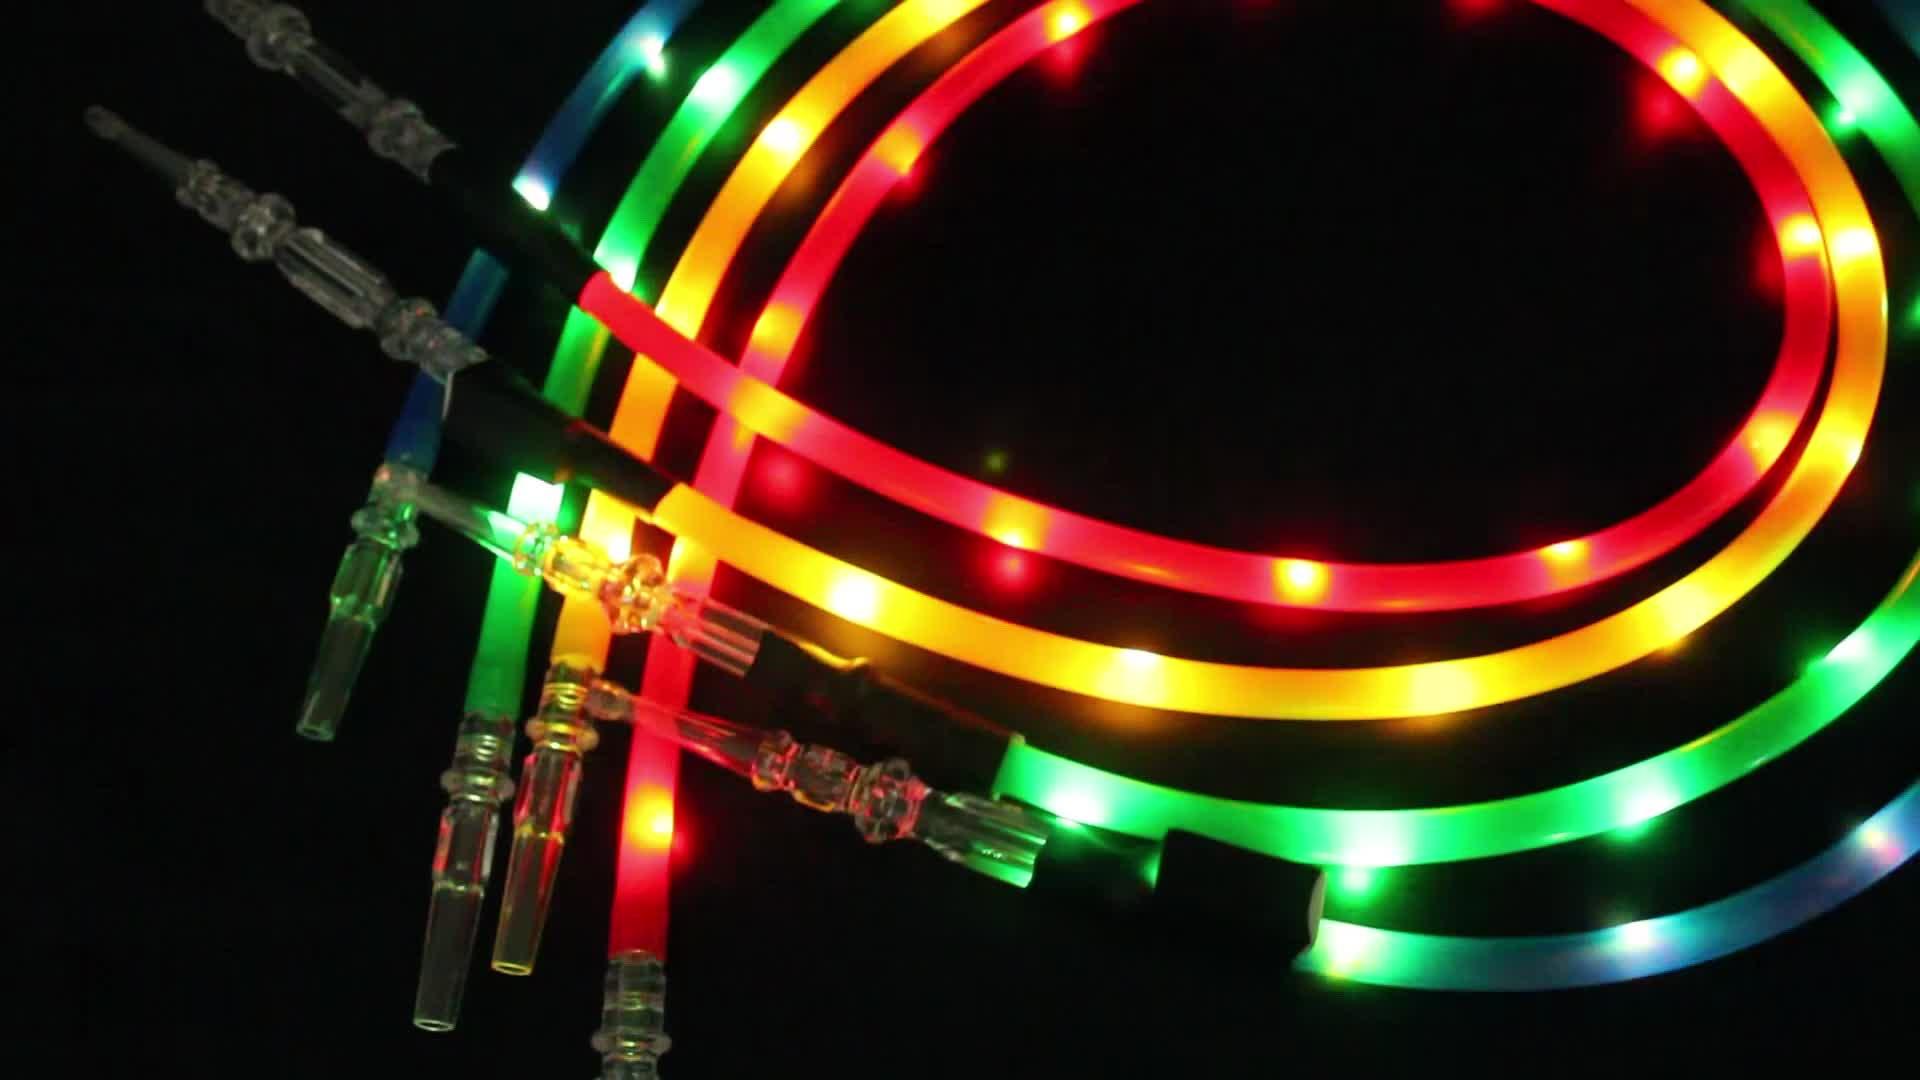 Одноразовые силиконовые трубки для кальяна, аксессуары, резиновая светящаяся трубка для кальяна